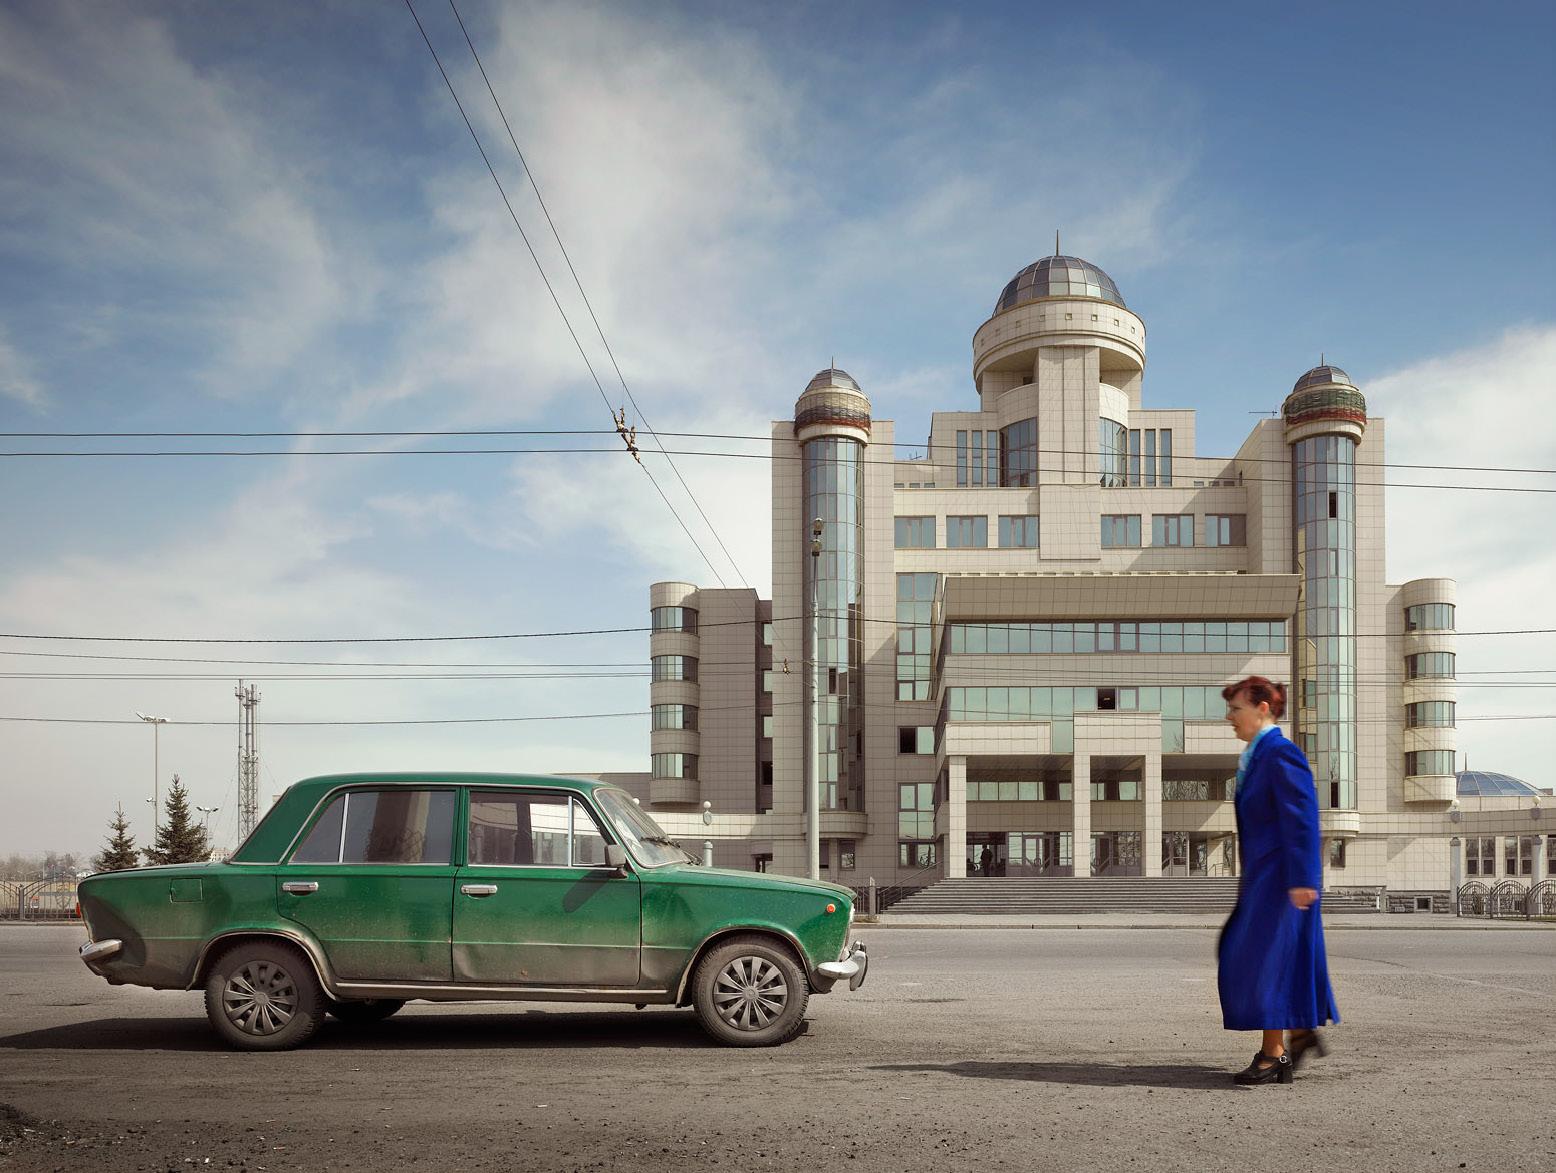 Управление ГИБДД МВД по Республике Татарстан в Казани, 2005 год.